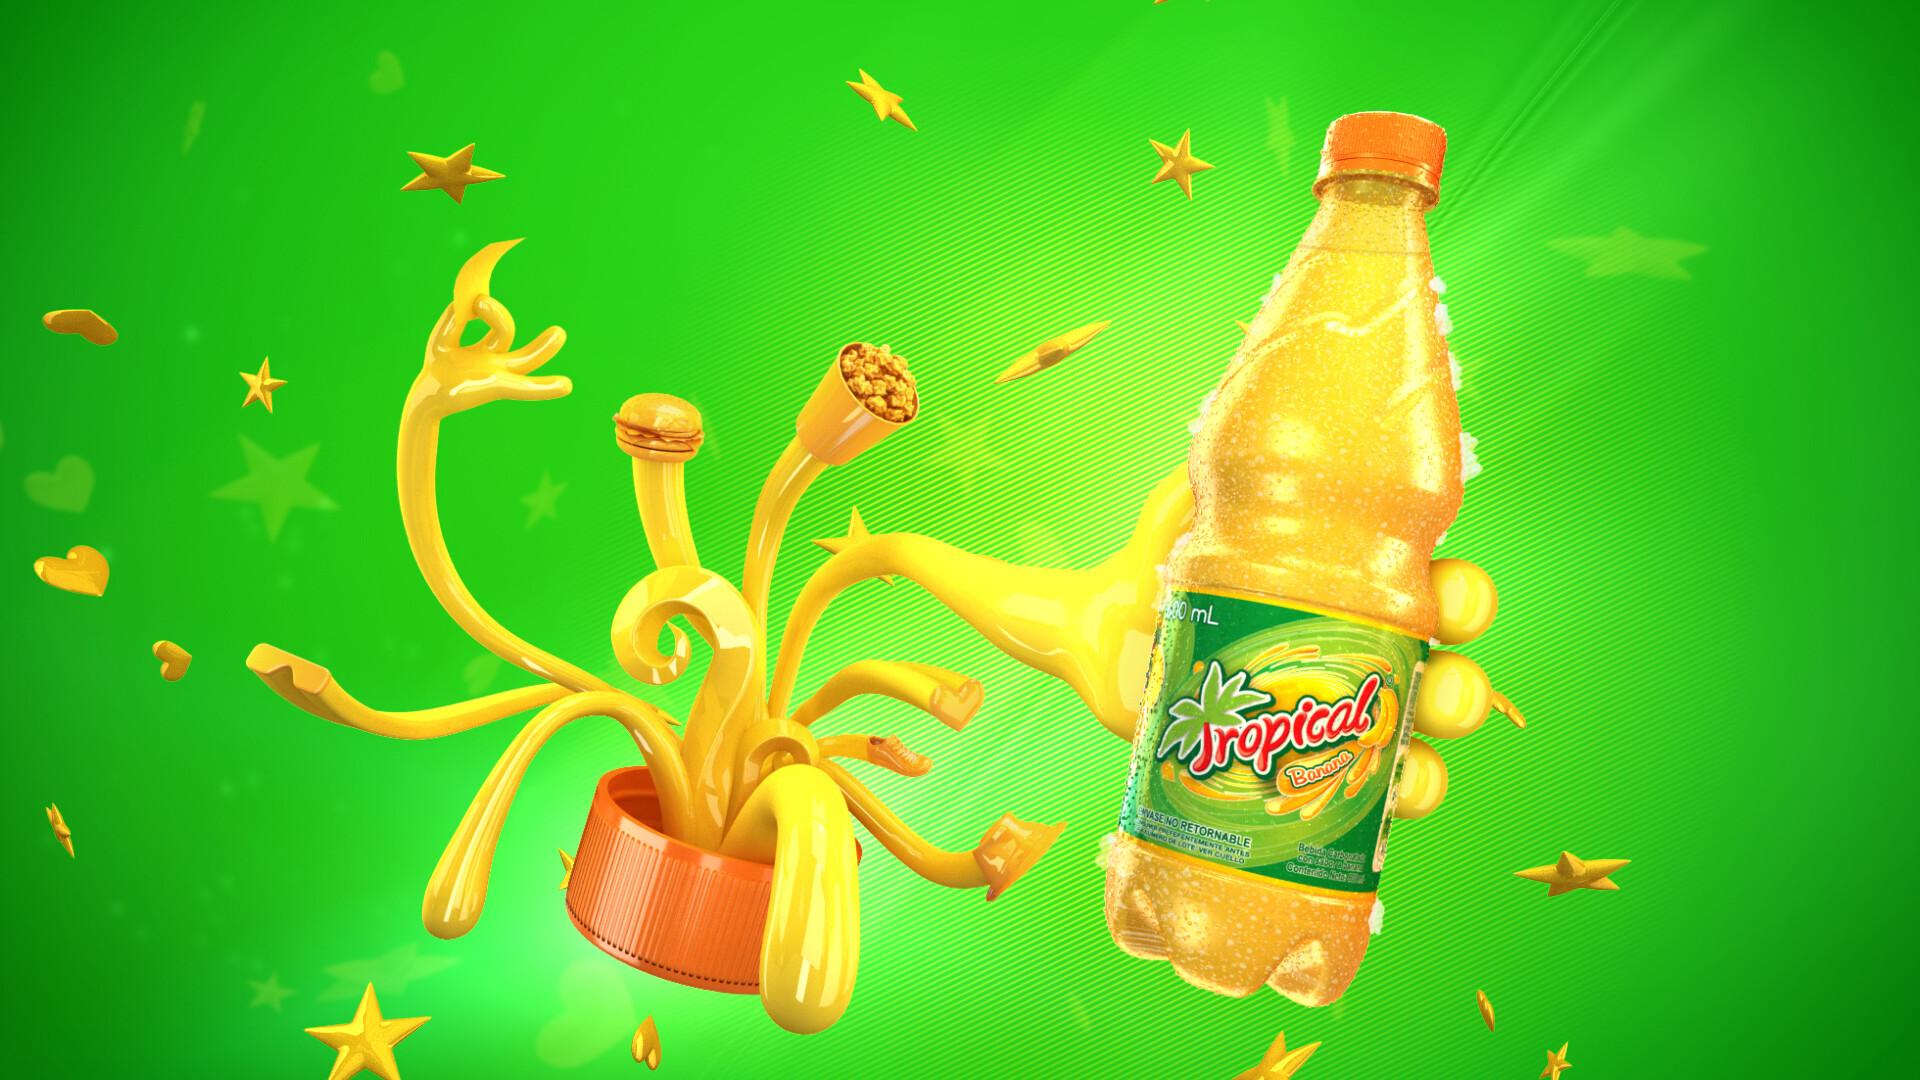 Oscar diaz c animacion tropical 00063